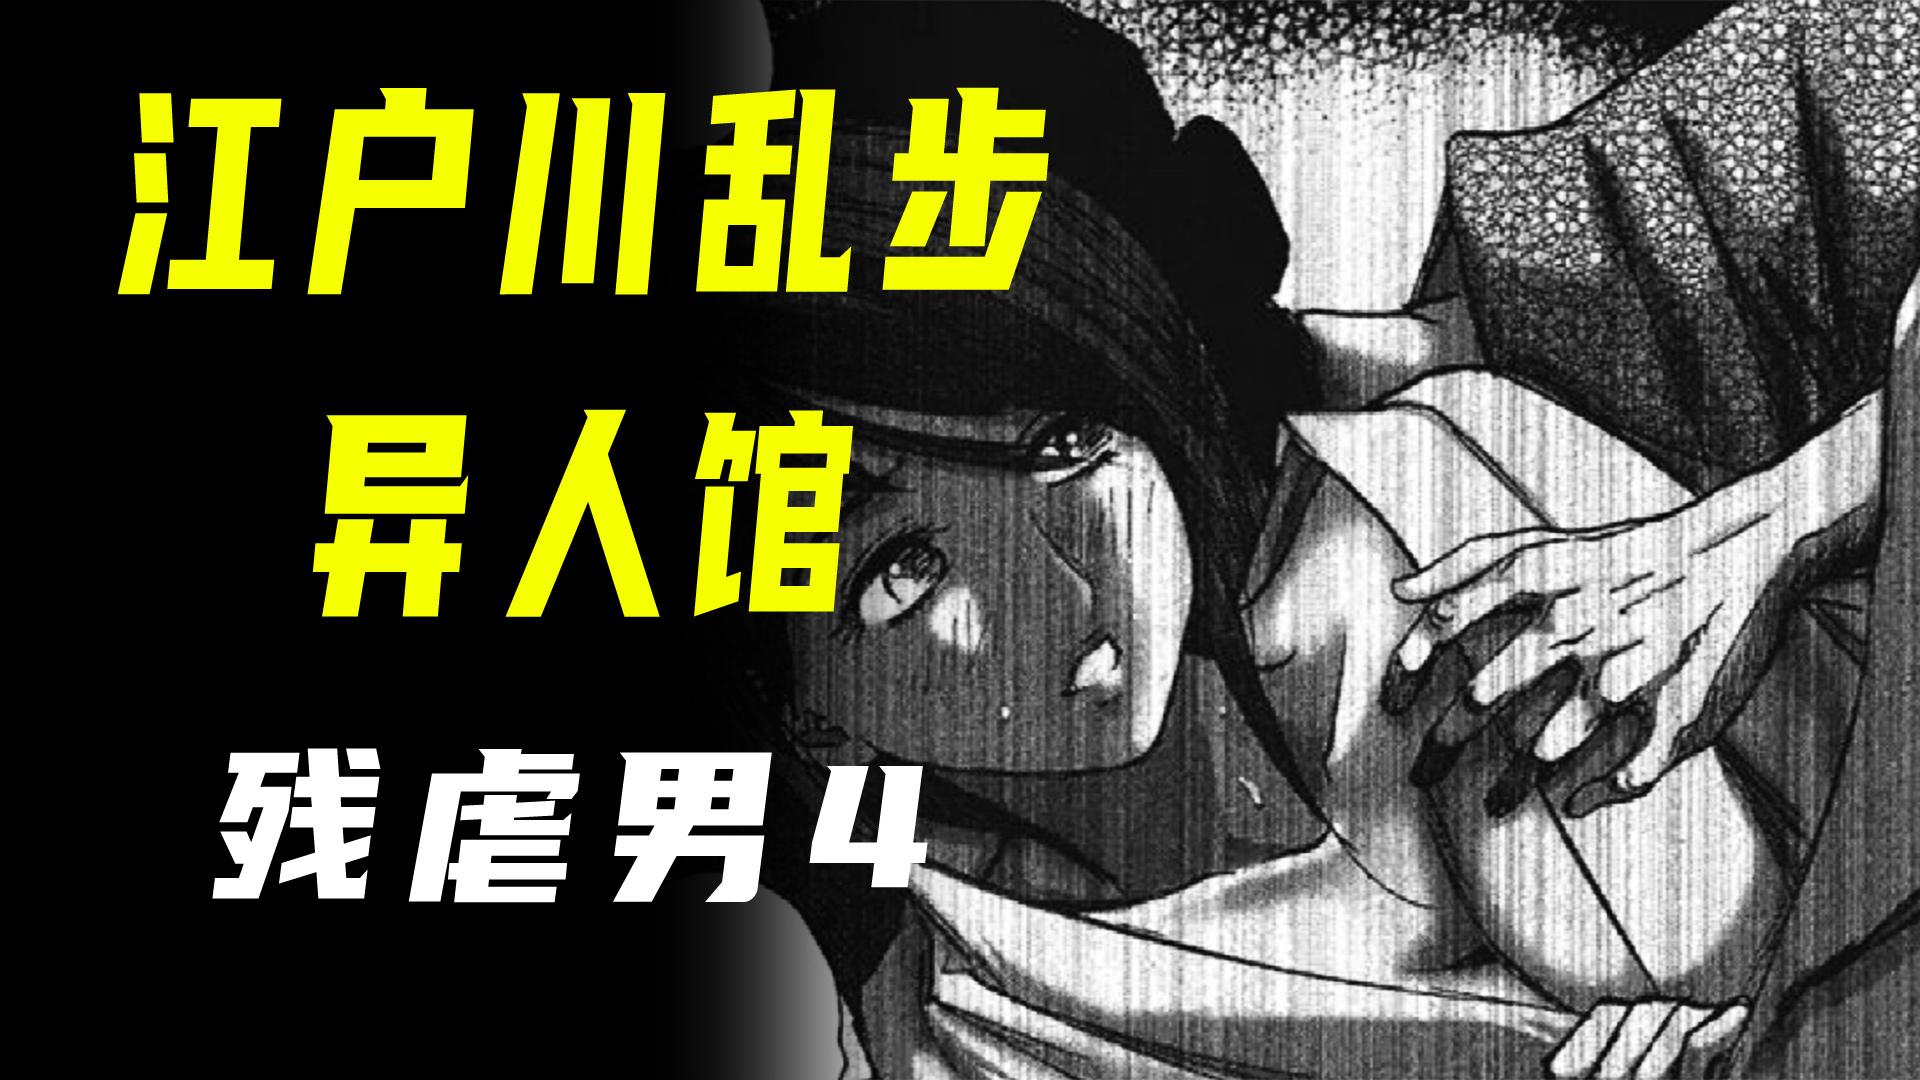 【江户川乱步异人馆·残虐男4】那一夜~关灯后,都没看清他的脸…